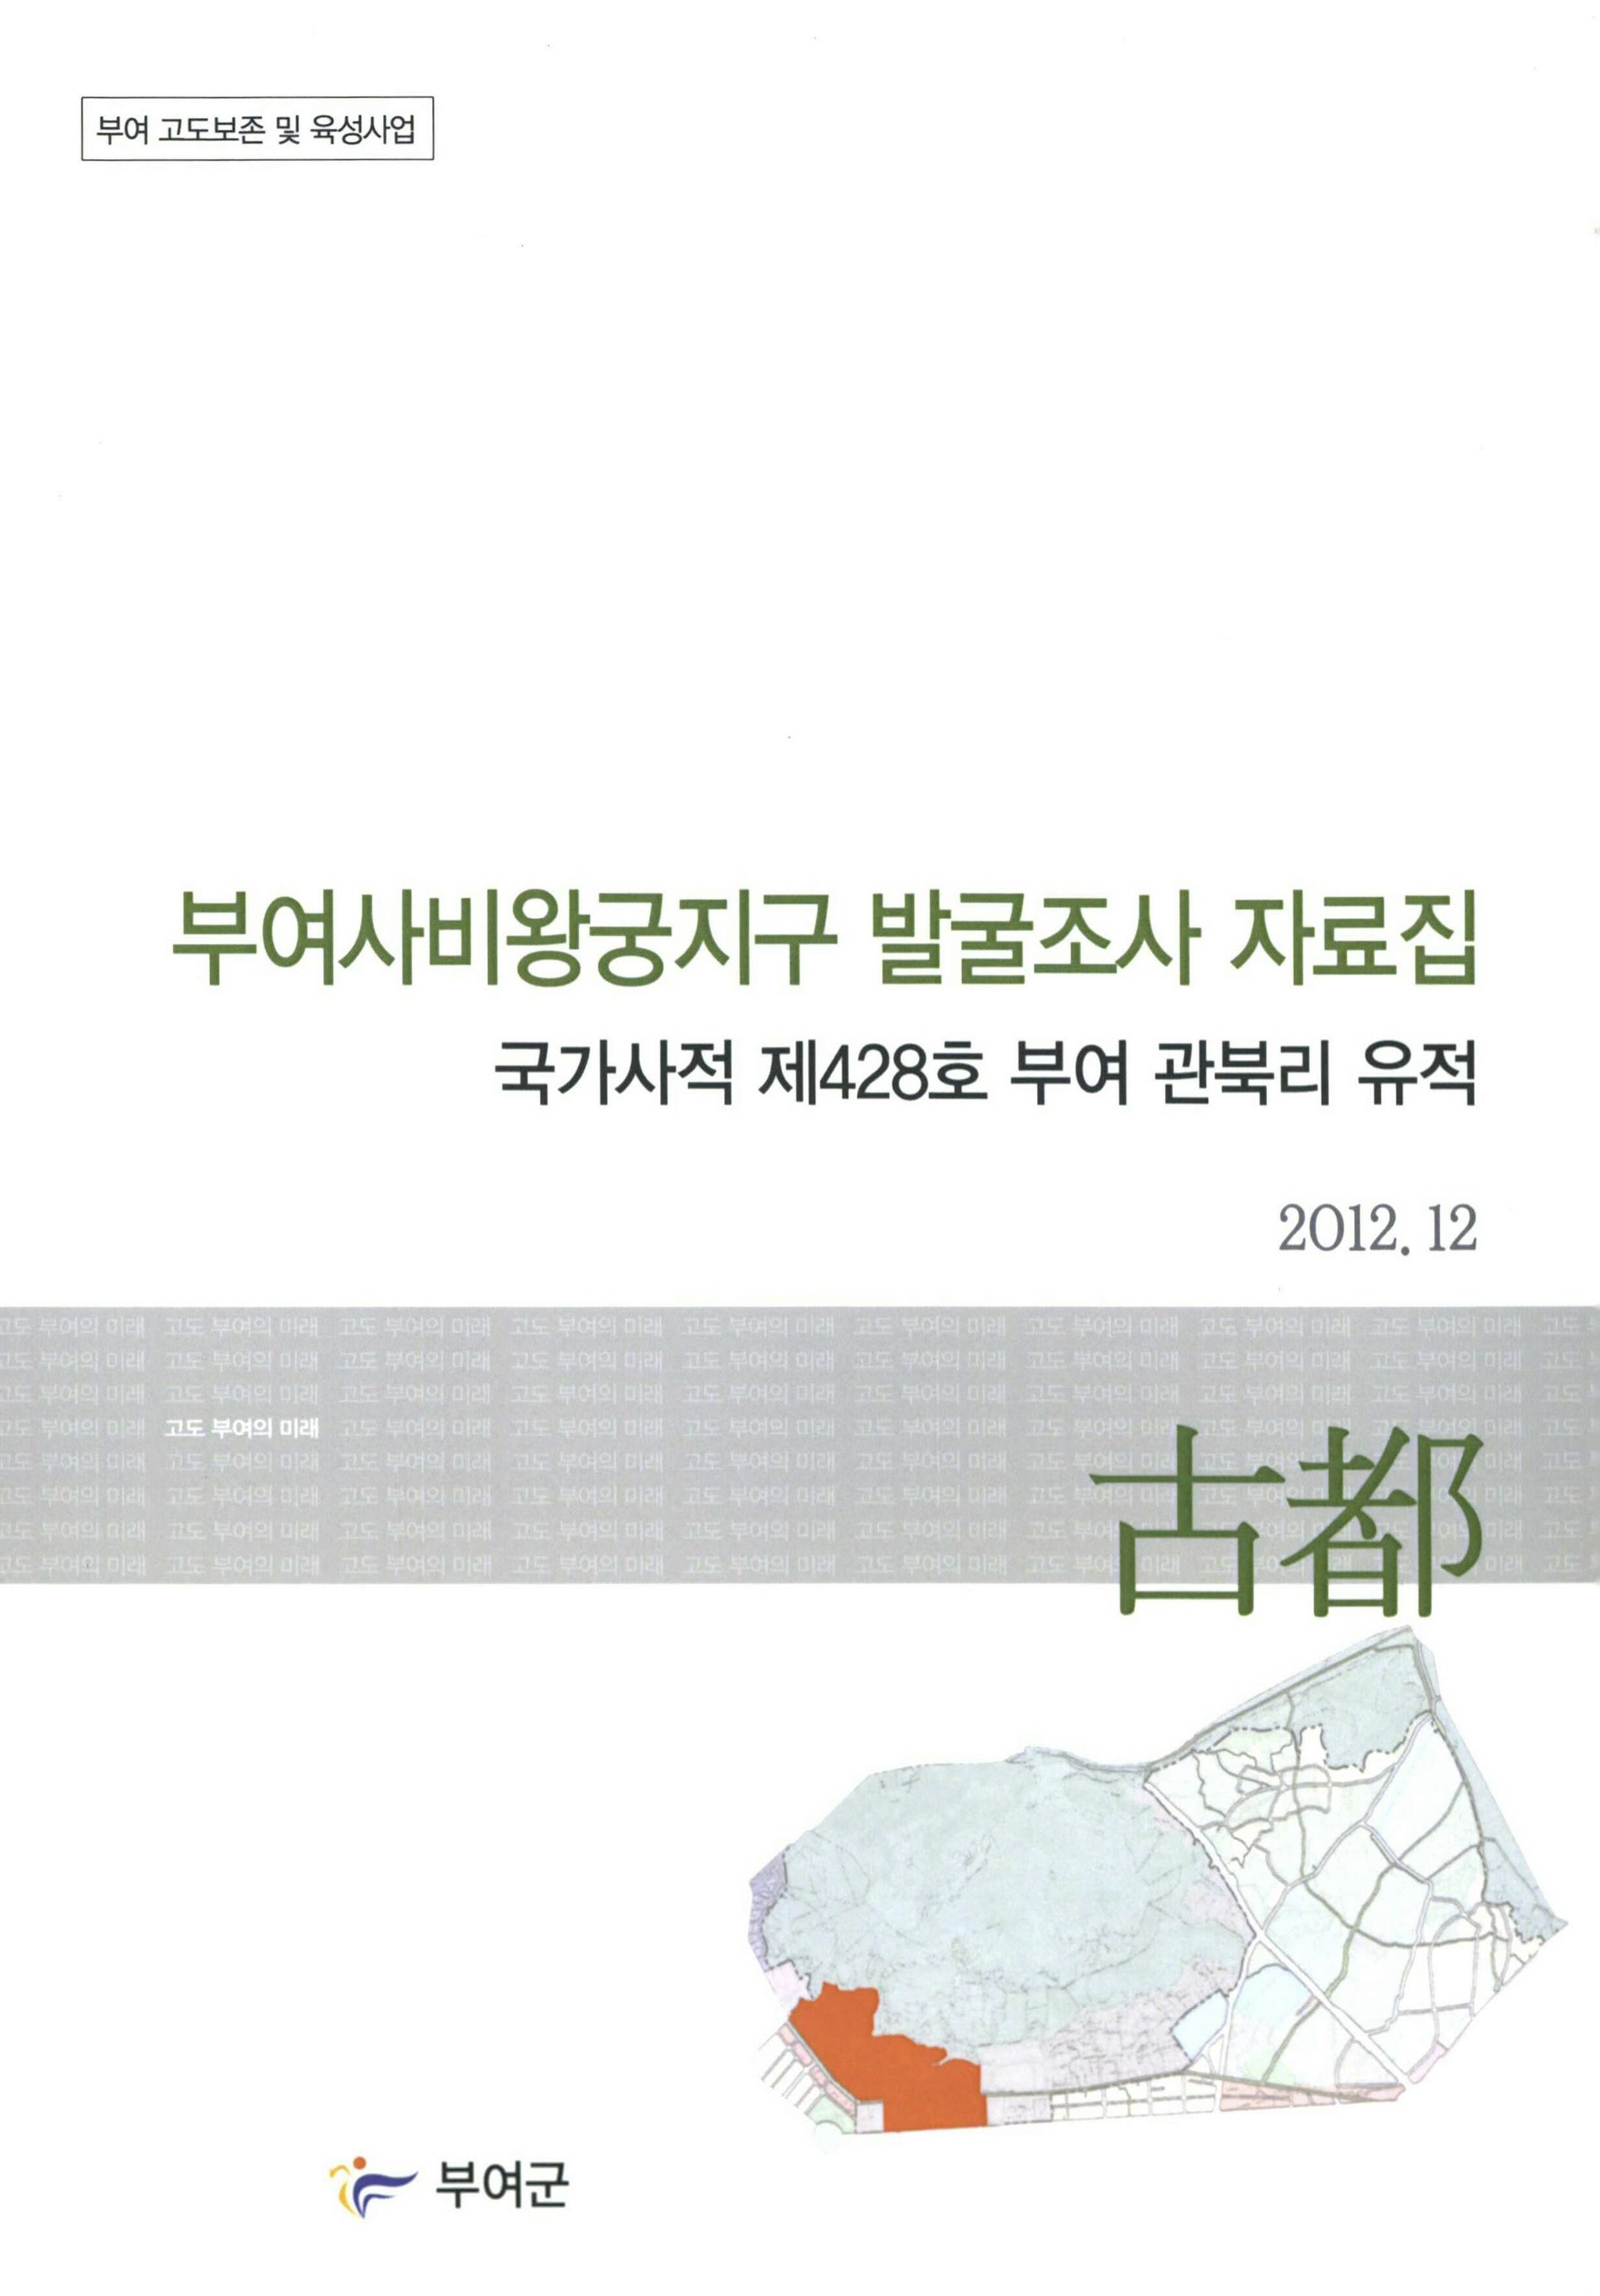 부여사비왕궁지구 발굴조사 자료집 국가사적 제428호 부여 관북리 유적